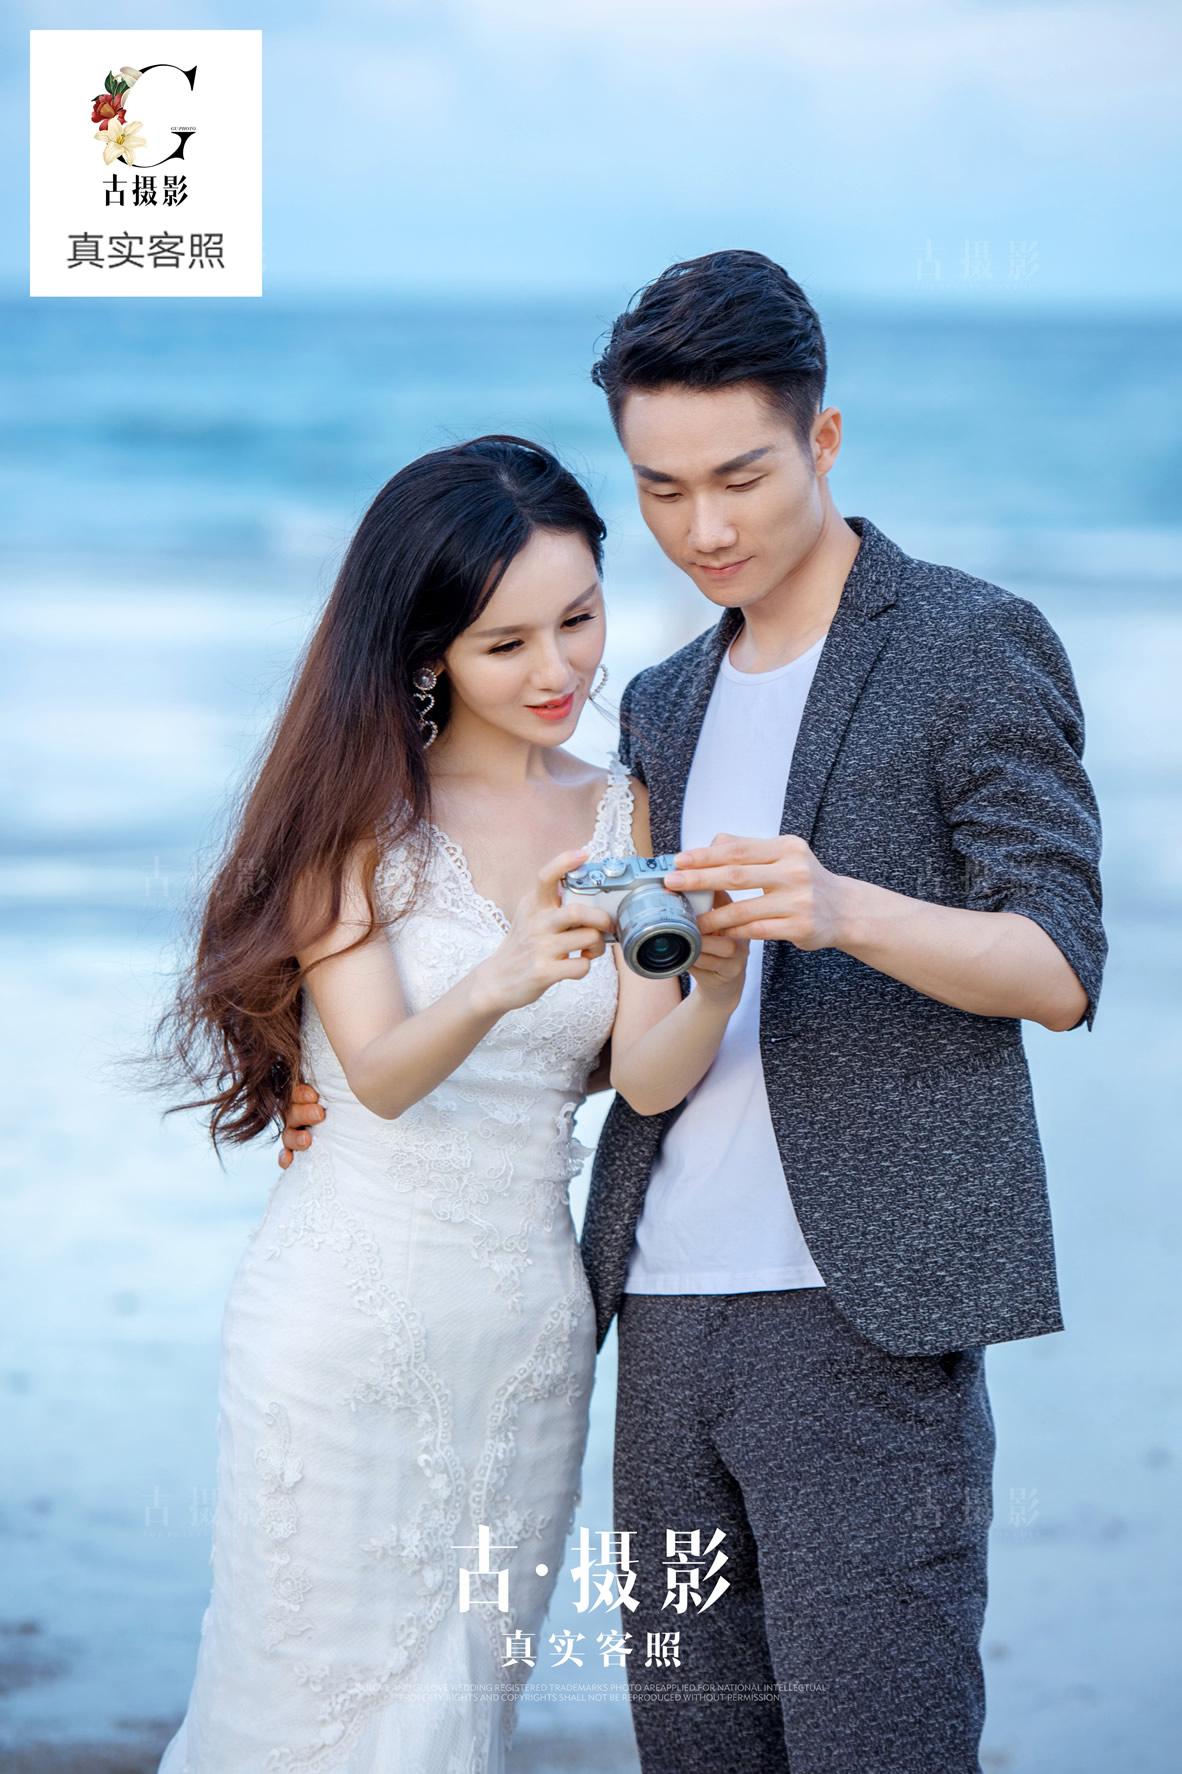 9月15日客片严先生 蓝小姐 - 每日客照 - 广州婚纱摄影-广州古摄影官网